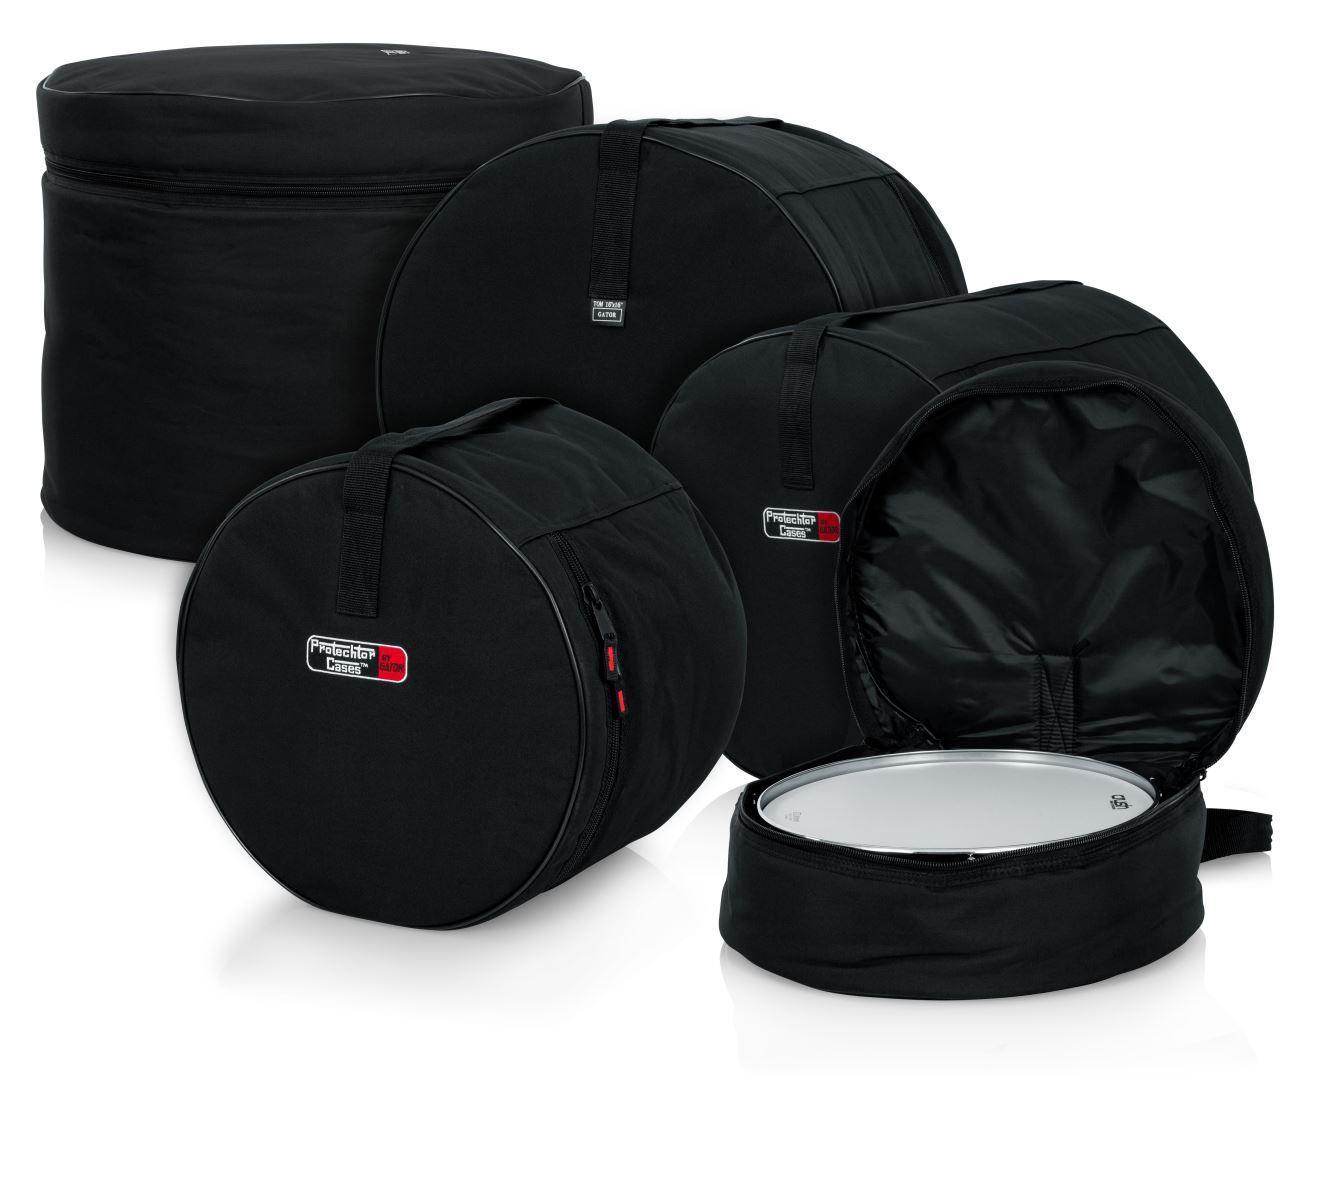 ドラムセット用バッグセット 5ピース・フュージョンセット ドラムバッグ ドラムケース ドラムセット用ケース GP-FUSION-100 バスドラム タム フロアタム スネア